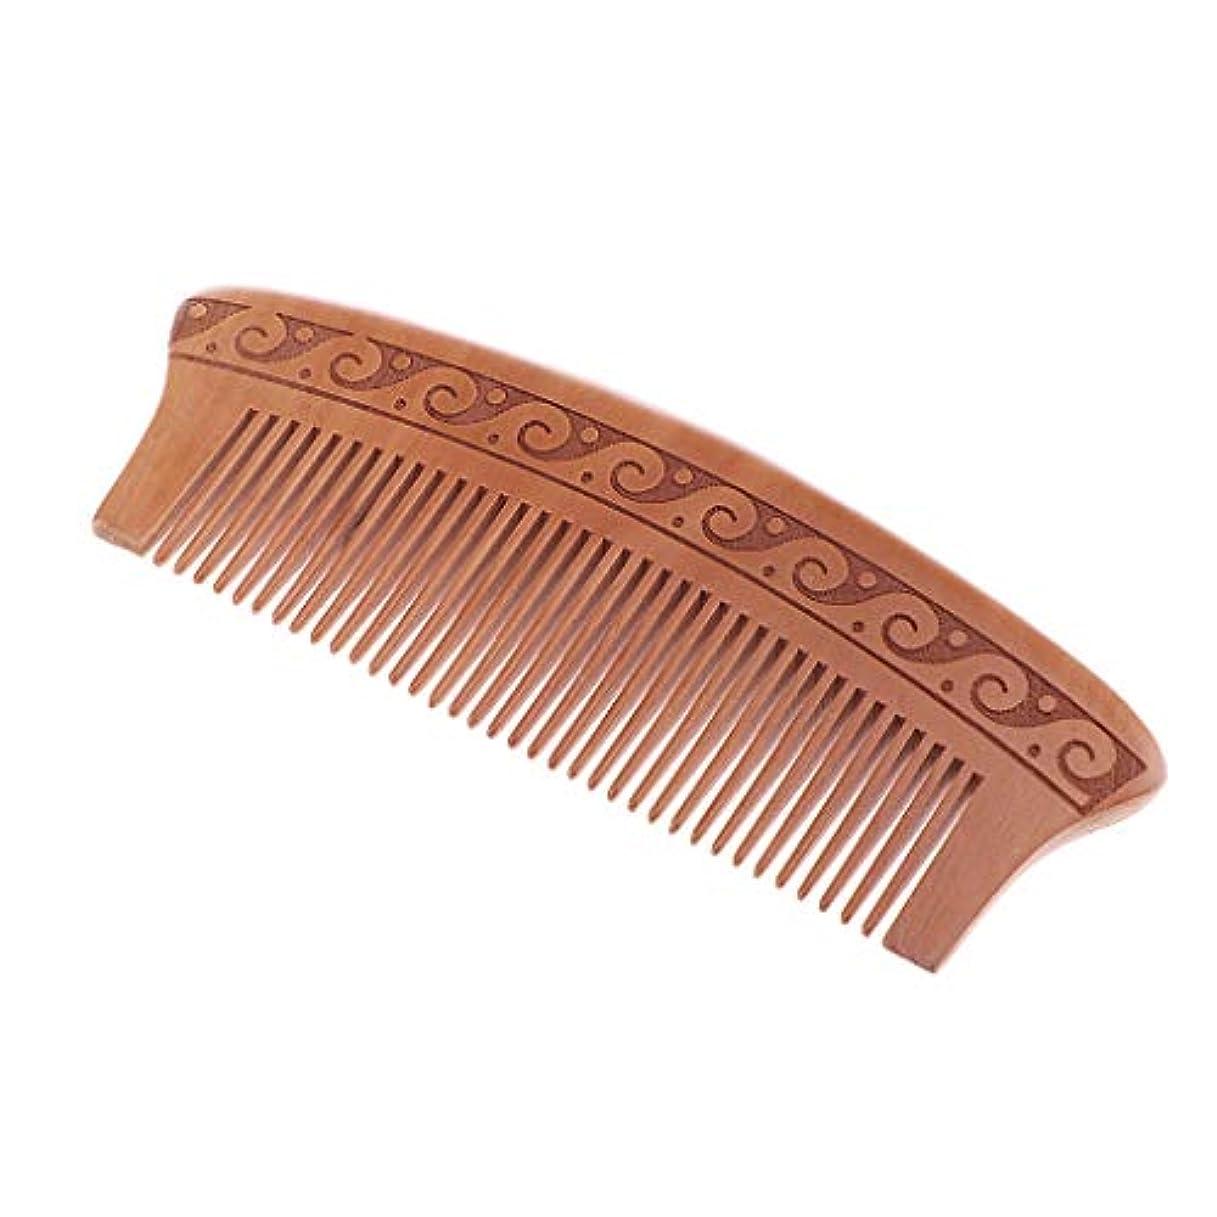 くちばしフレット数値DYNWAVE ウッドワイドの歯静電気防止マホガニー櫛頭マッサージ木製の櫛 - J16d